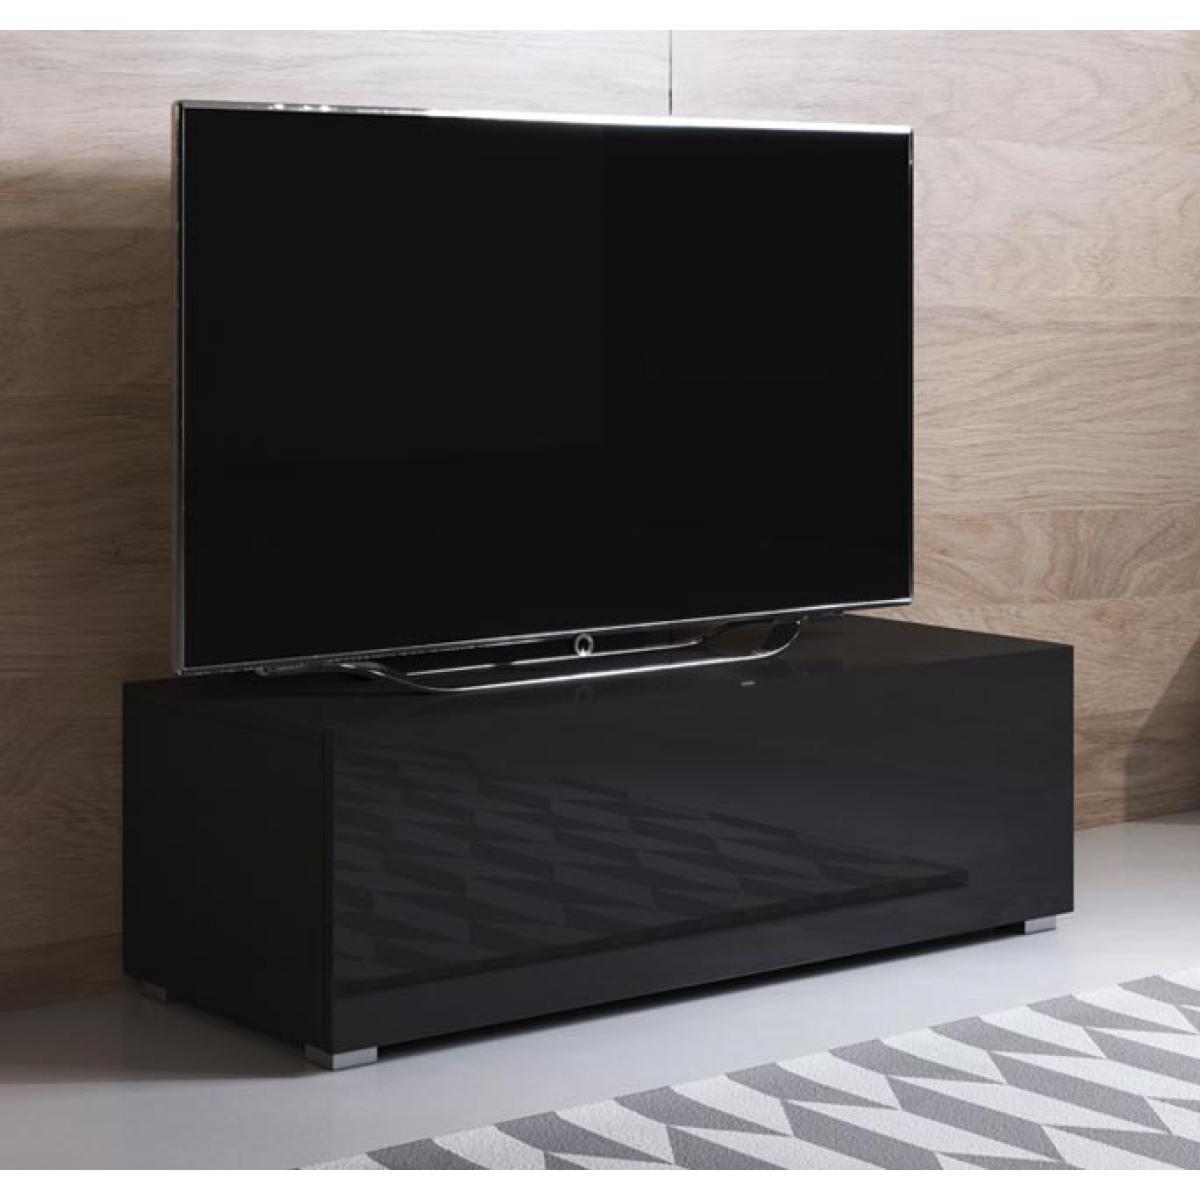 Design Ameublement Meuble TV modèle Luke H1 (100x32cm) couleur noir avec pieds standard